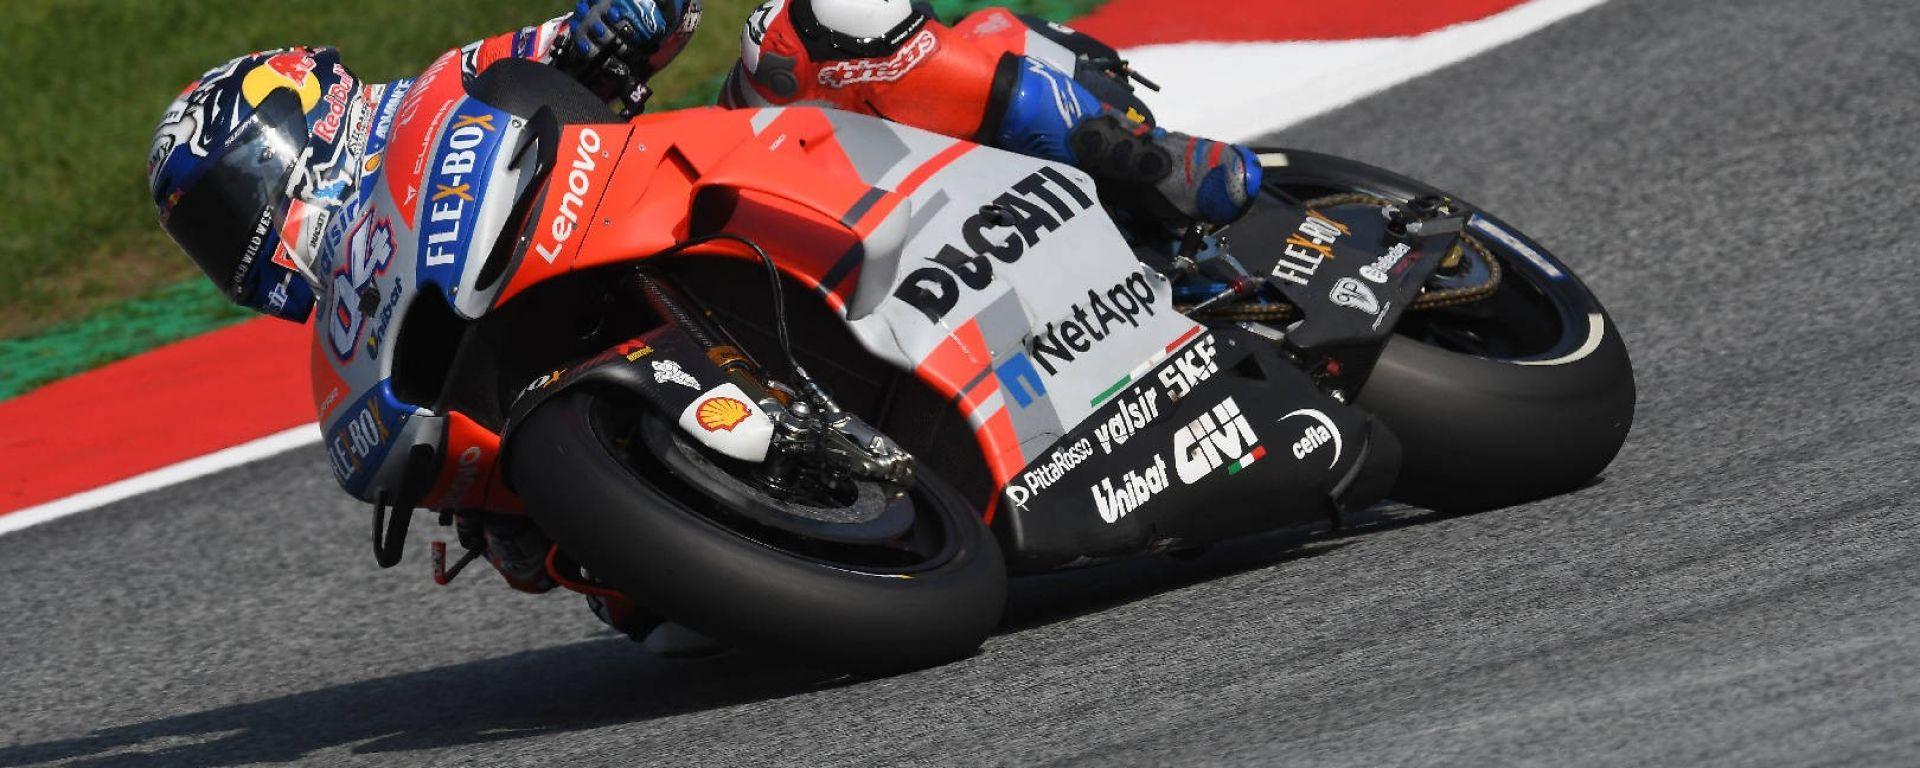 MotoGP Austria 2018: Dovizioso il più veloce delle libere